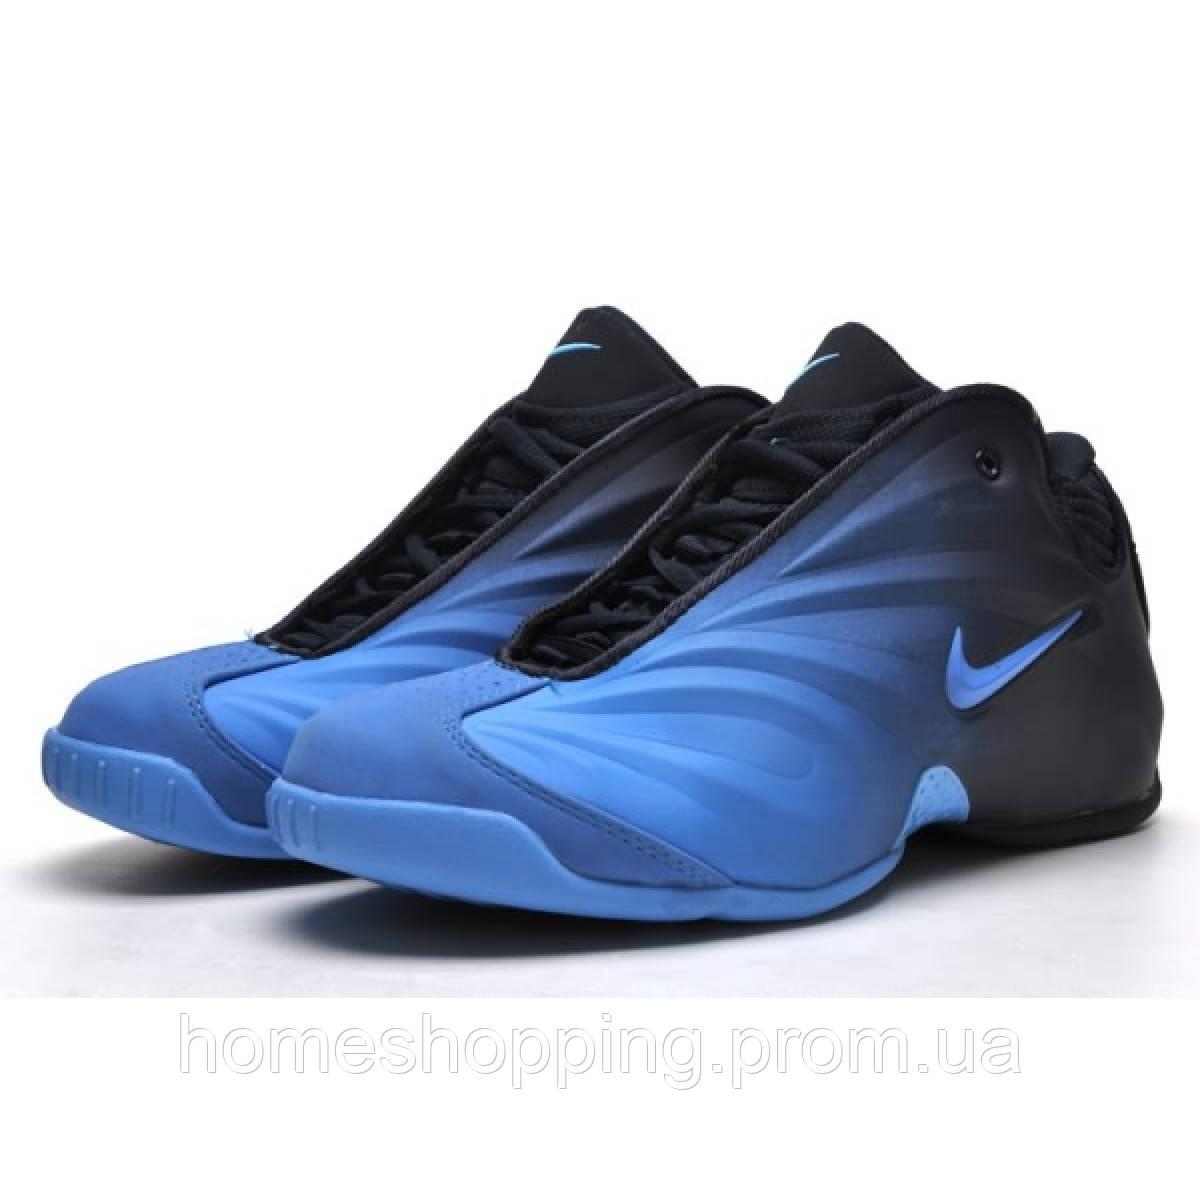 Баскетбольные кроссовки Nike Air Flightposite 2013